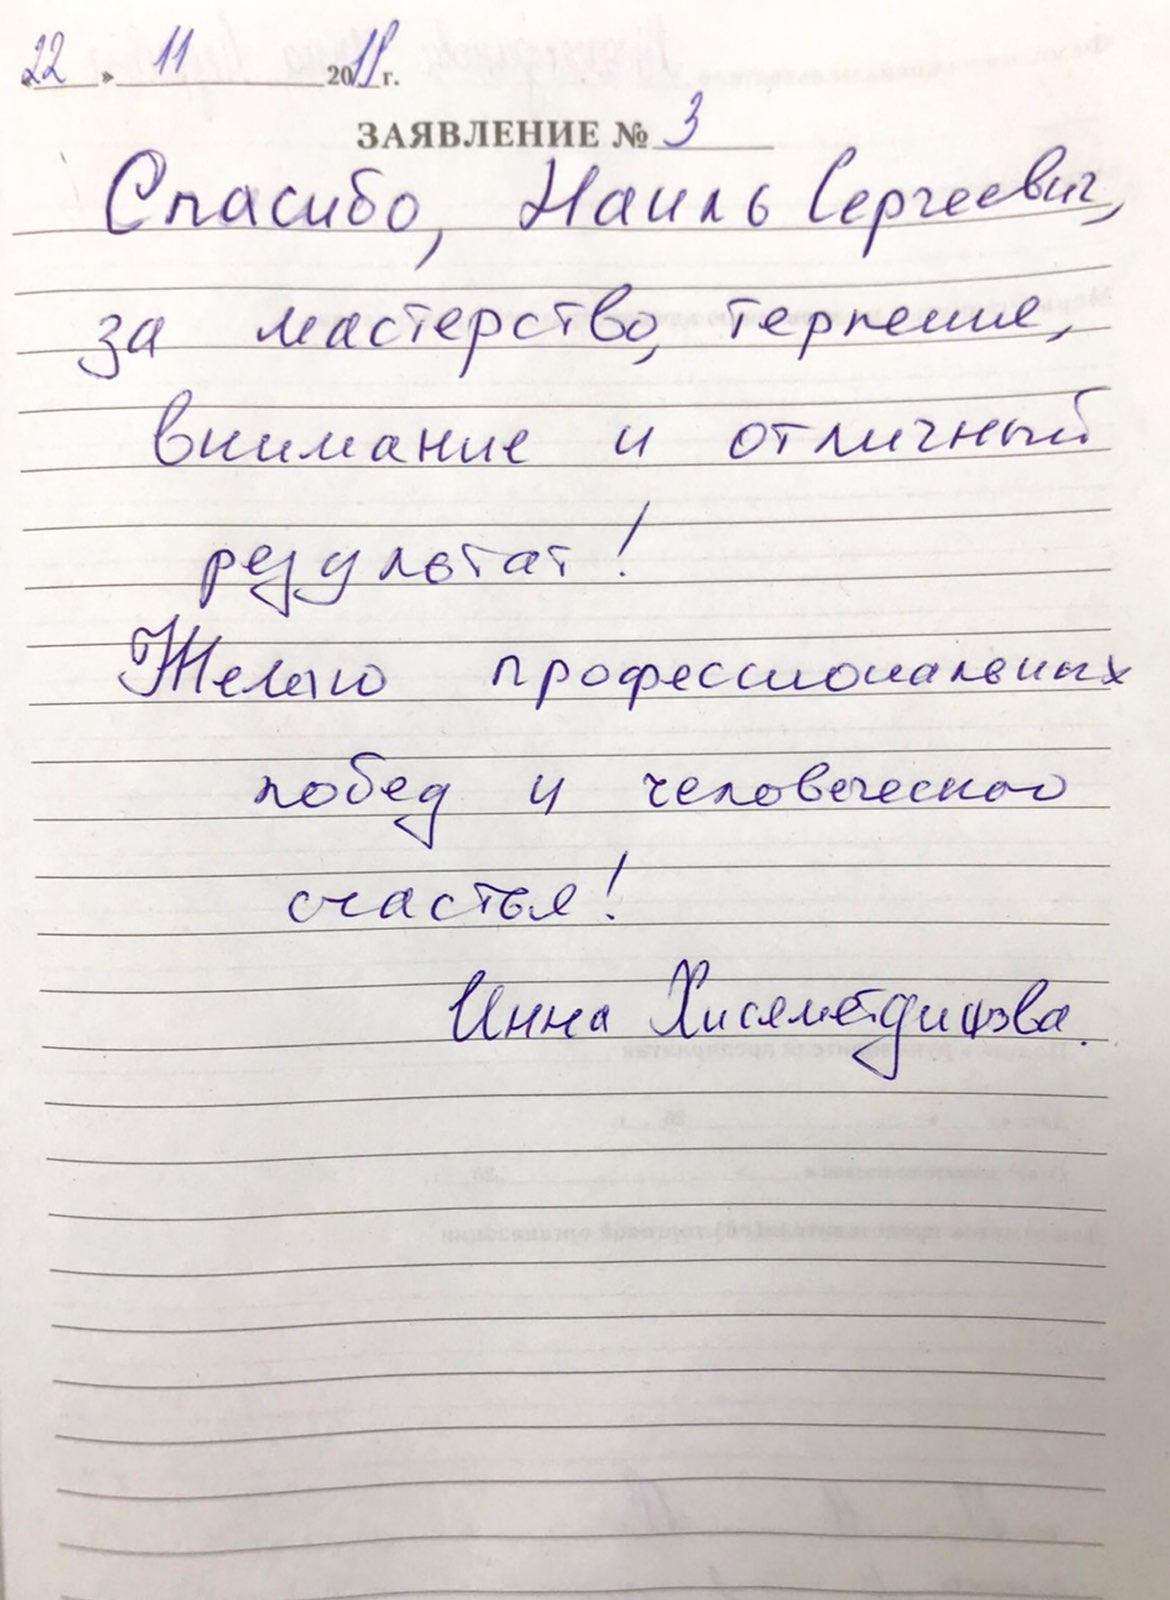 <em>Редактировать Отзыв</em> Инна Андреевна. Стоматология Фларт